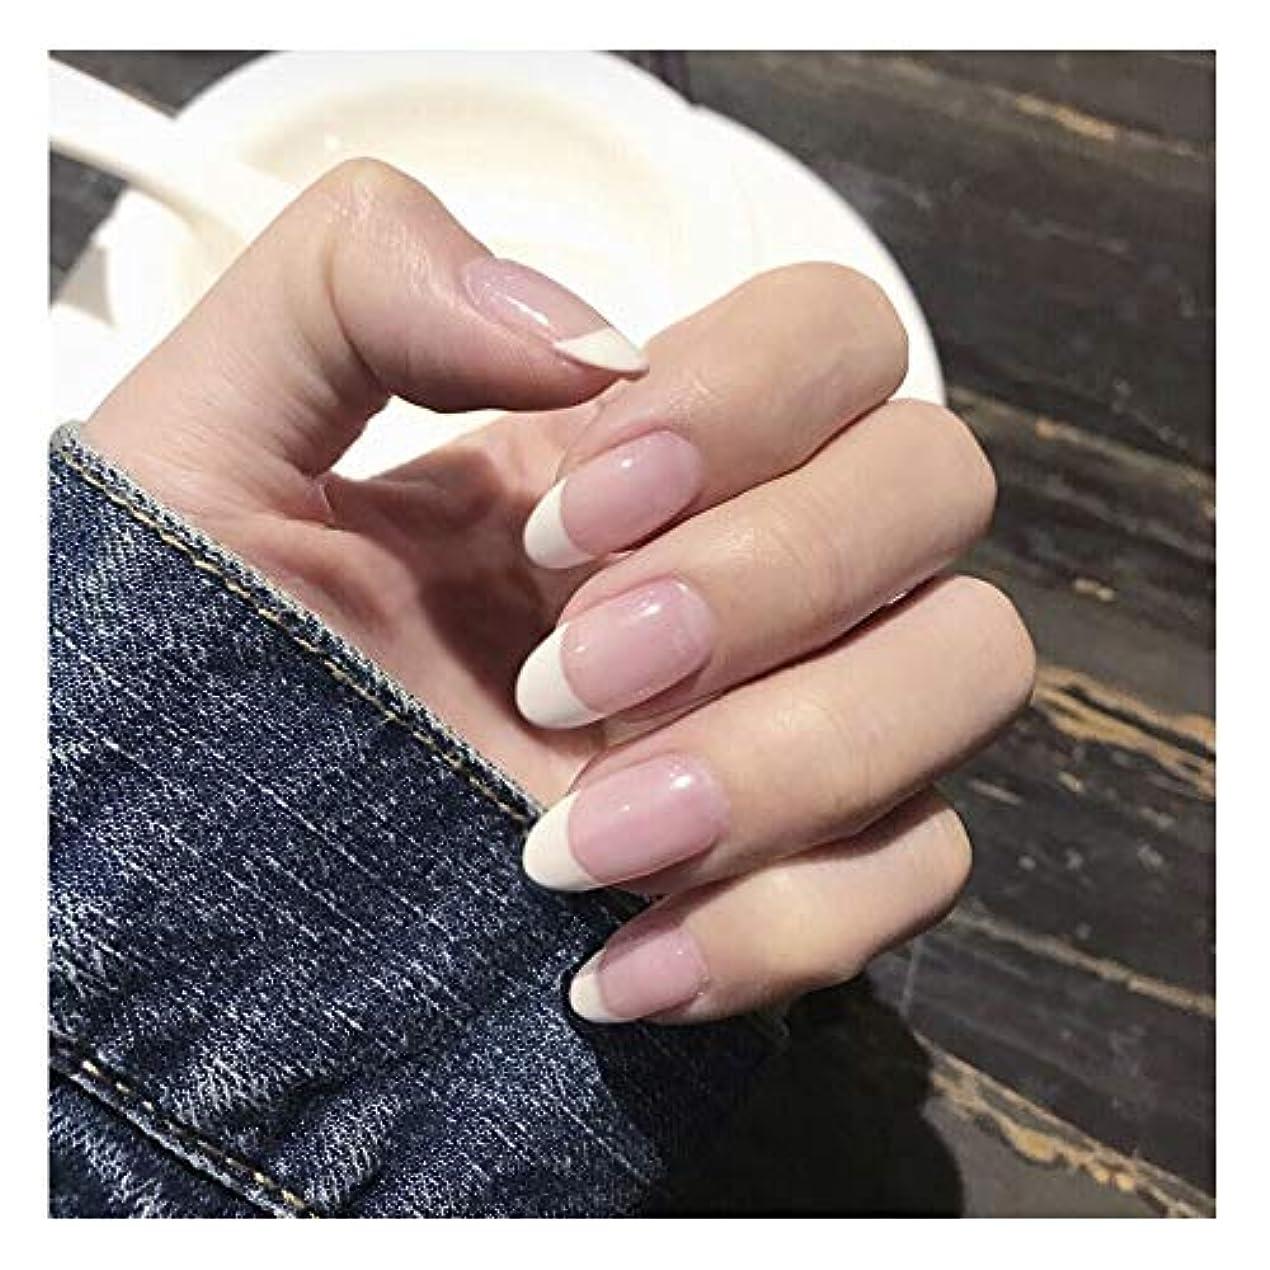 ショートカット商品醜いTAALESET 透明ピンク+ホワイト下部偽爪ロングネイルズグルー完成ネイル偽爪を指摘しました (色 : 24 pieces)